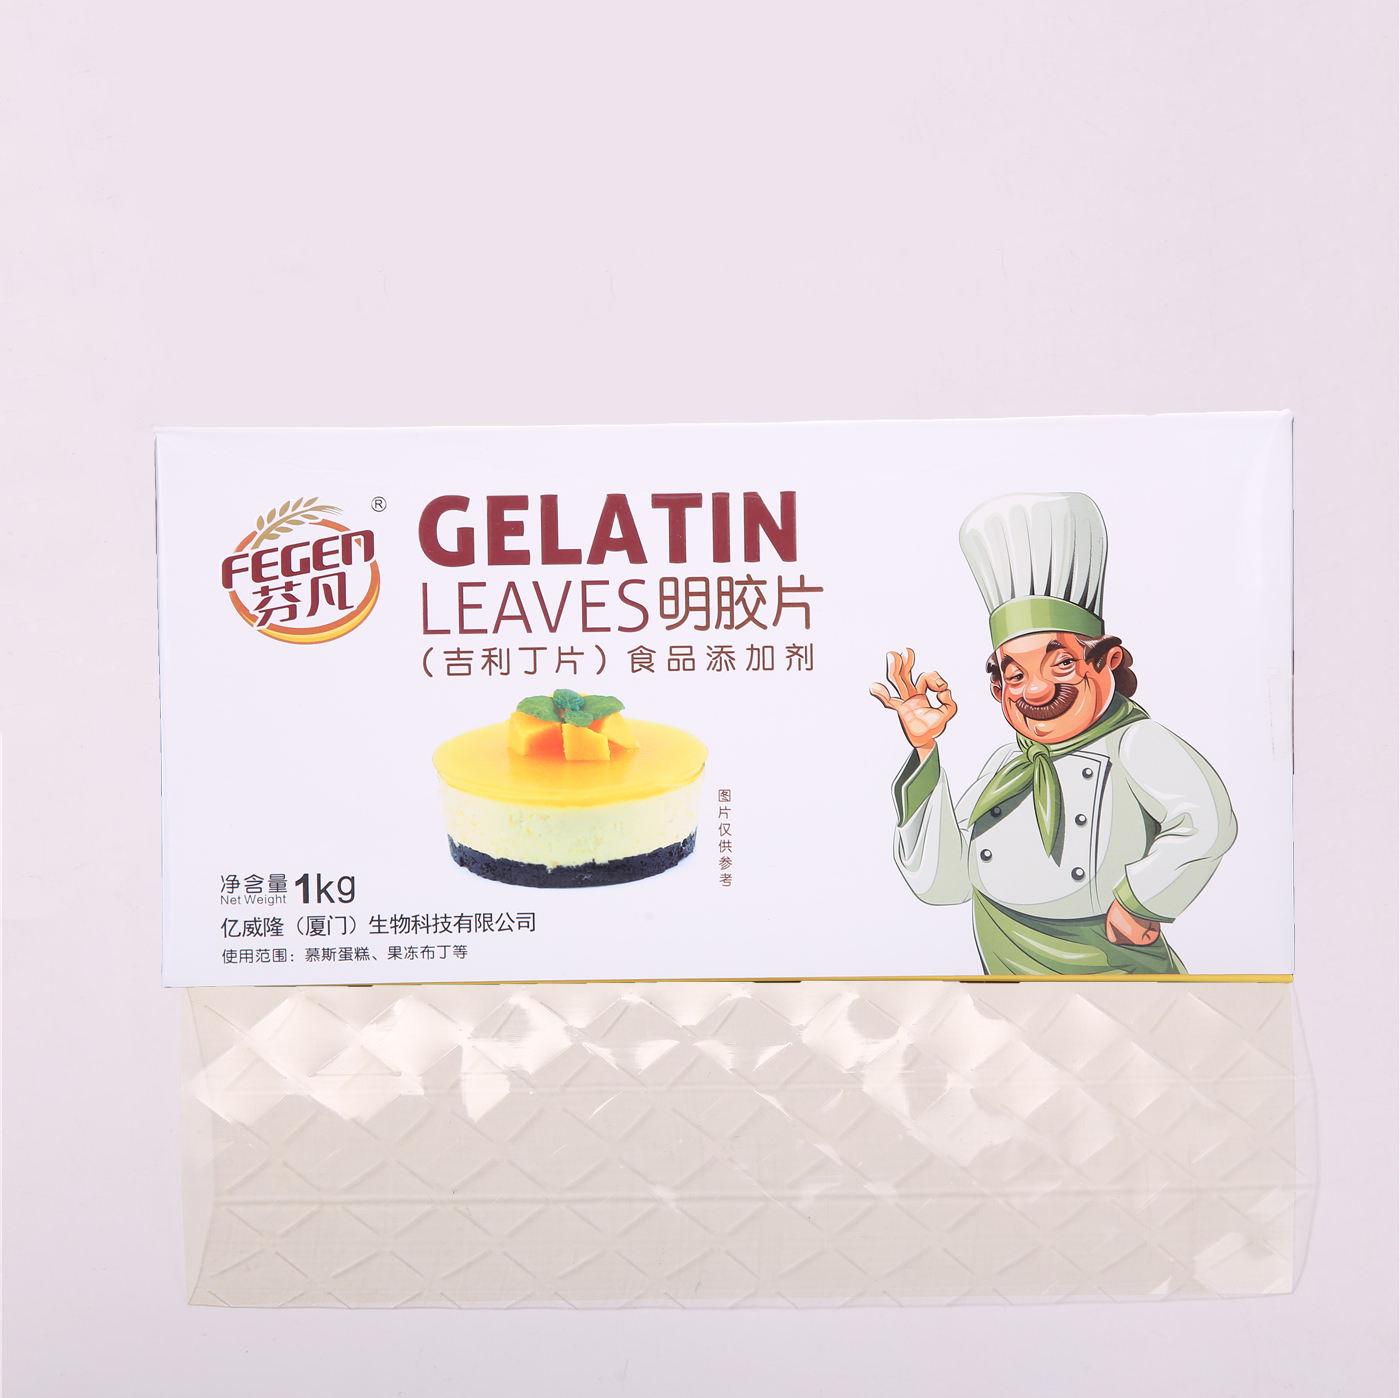 buwei 20 Grandes Feuilles de Feuilles dargent g/élatine Halal Feuilles de g/élatine de b/œuf pour la pr/éparation au Four